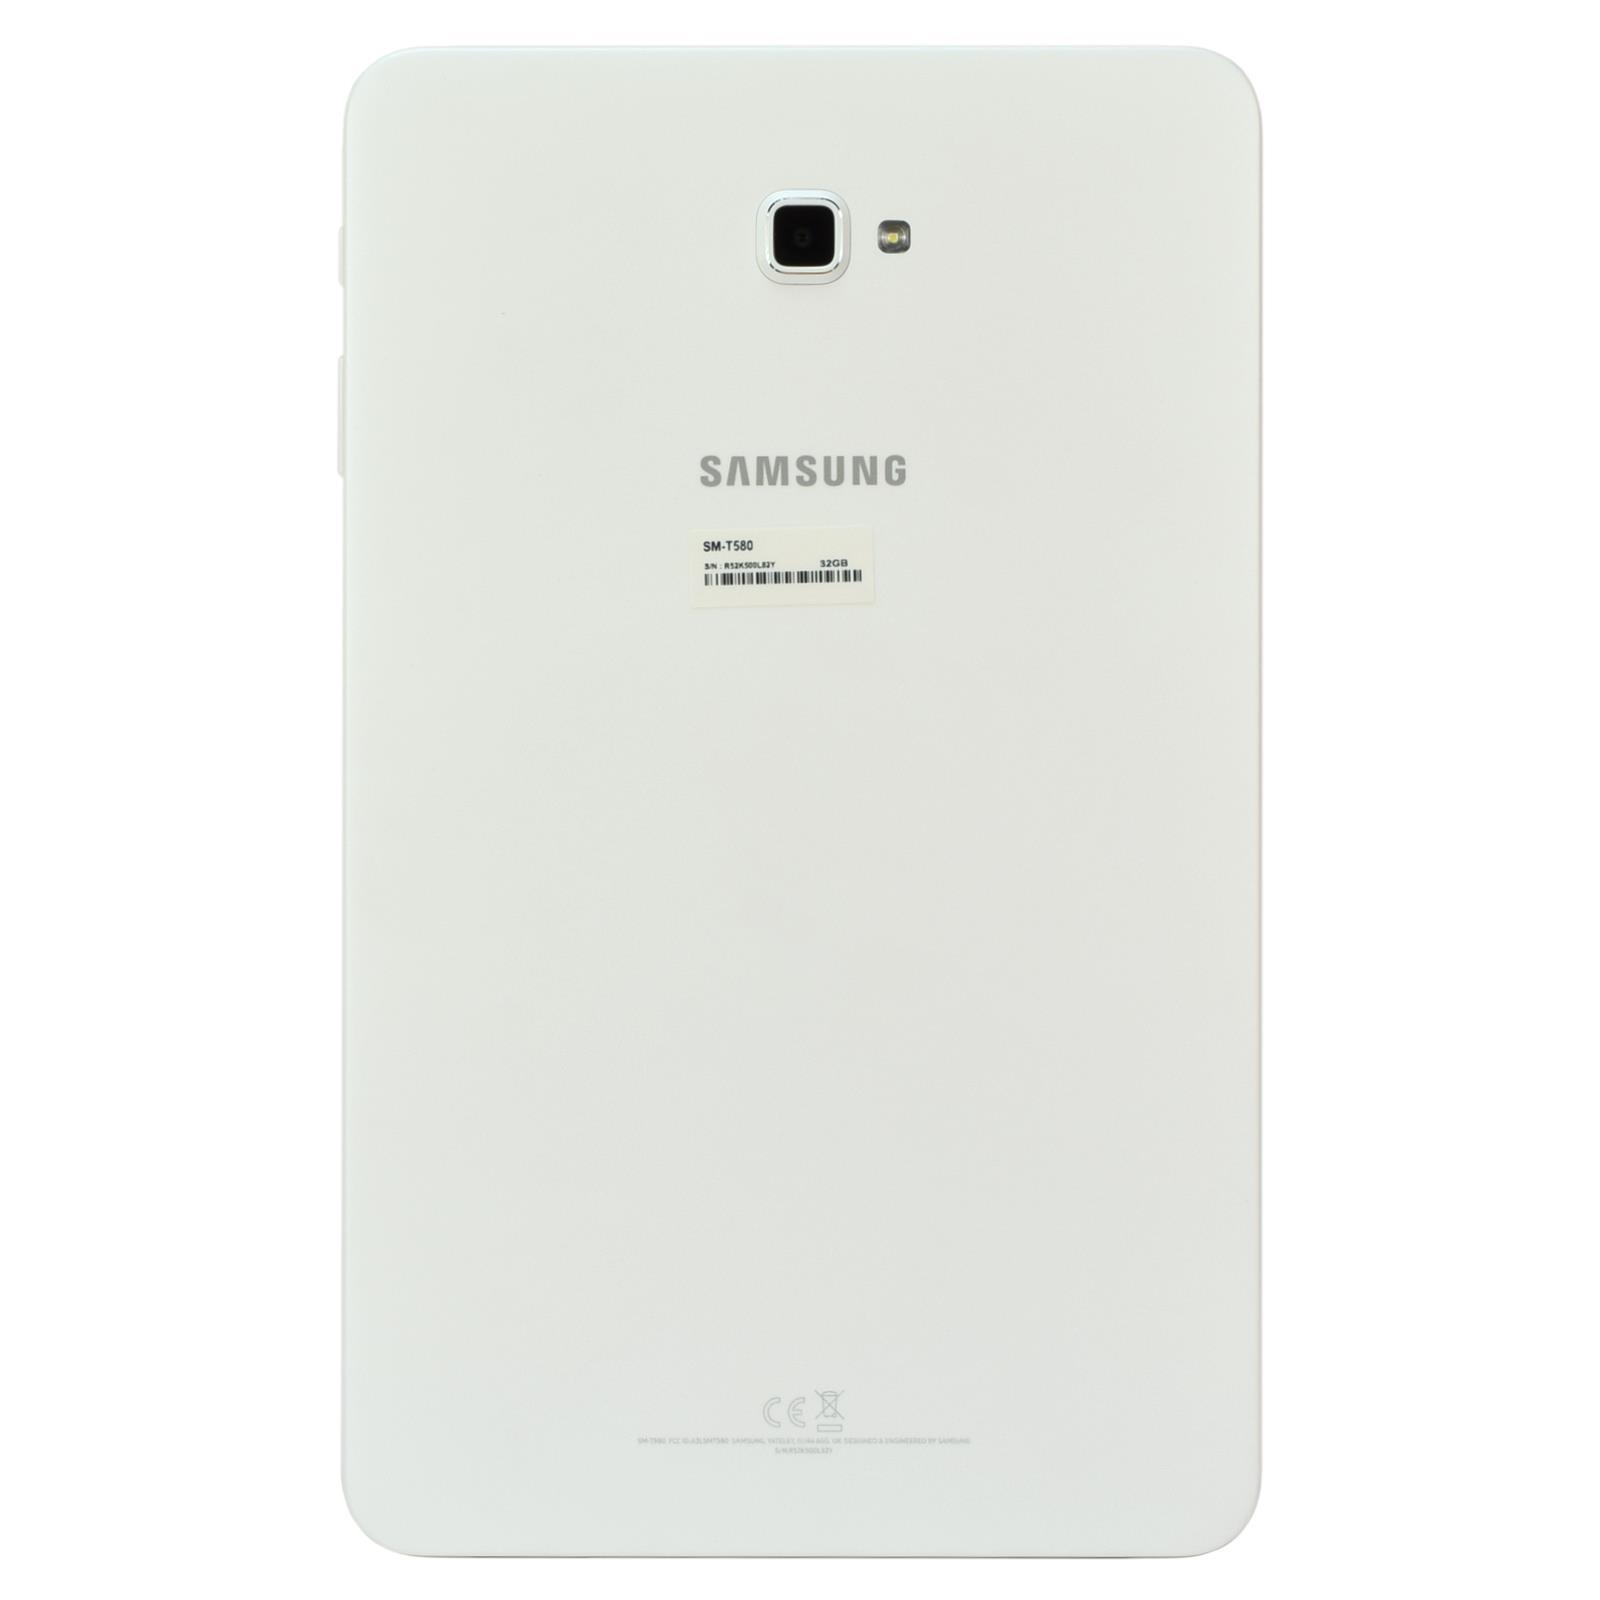 Samsung-Galaxy-Tab-A-10-1-T580-WiFi-2016-32GB-16GB-Tablet-in-All-Colours miniatura 4